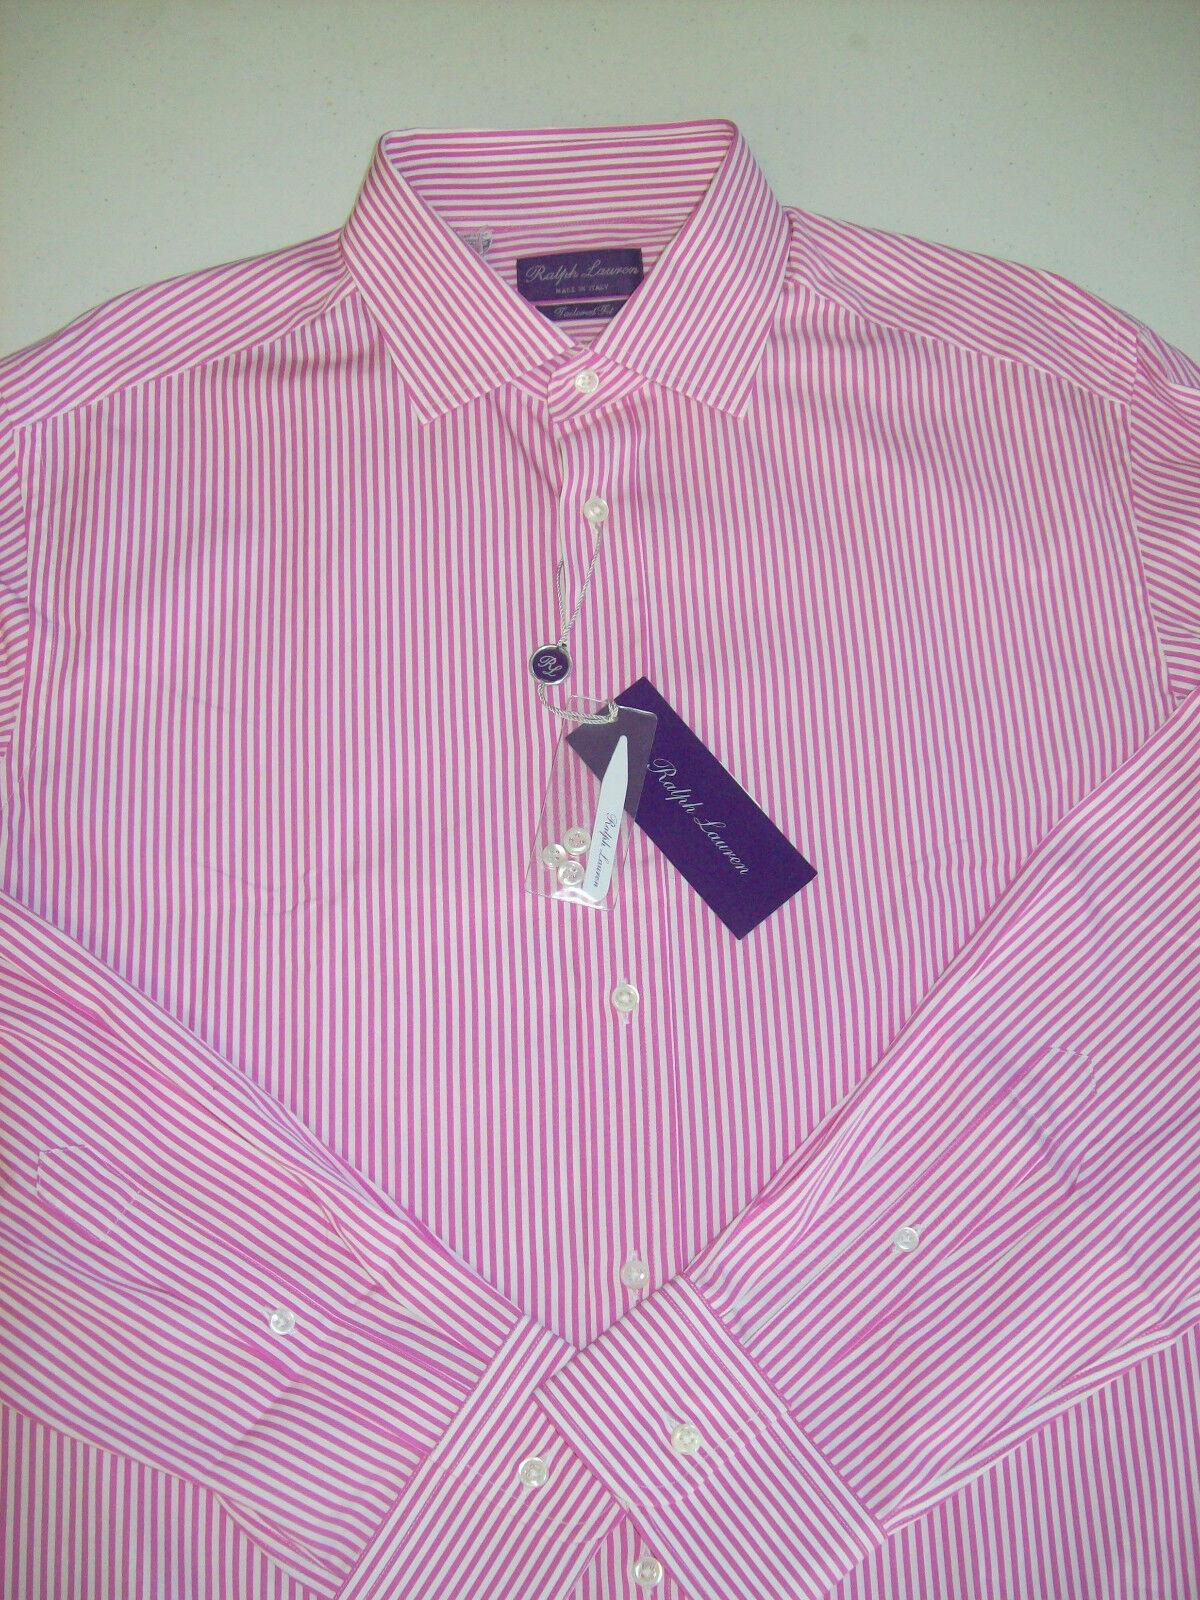 Ralph Lauren lila Label Aston Collar Striped  Dress Shirt NWT 17  x 36  425